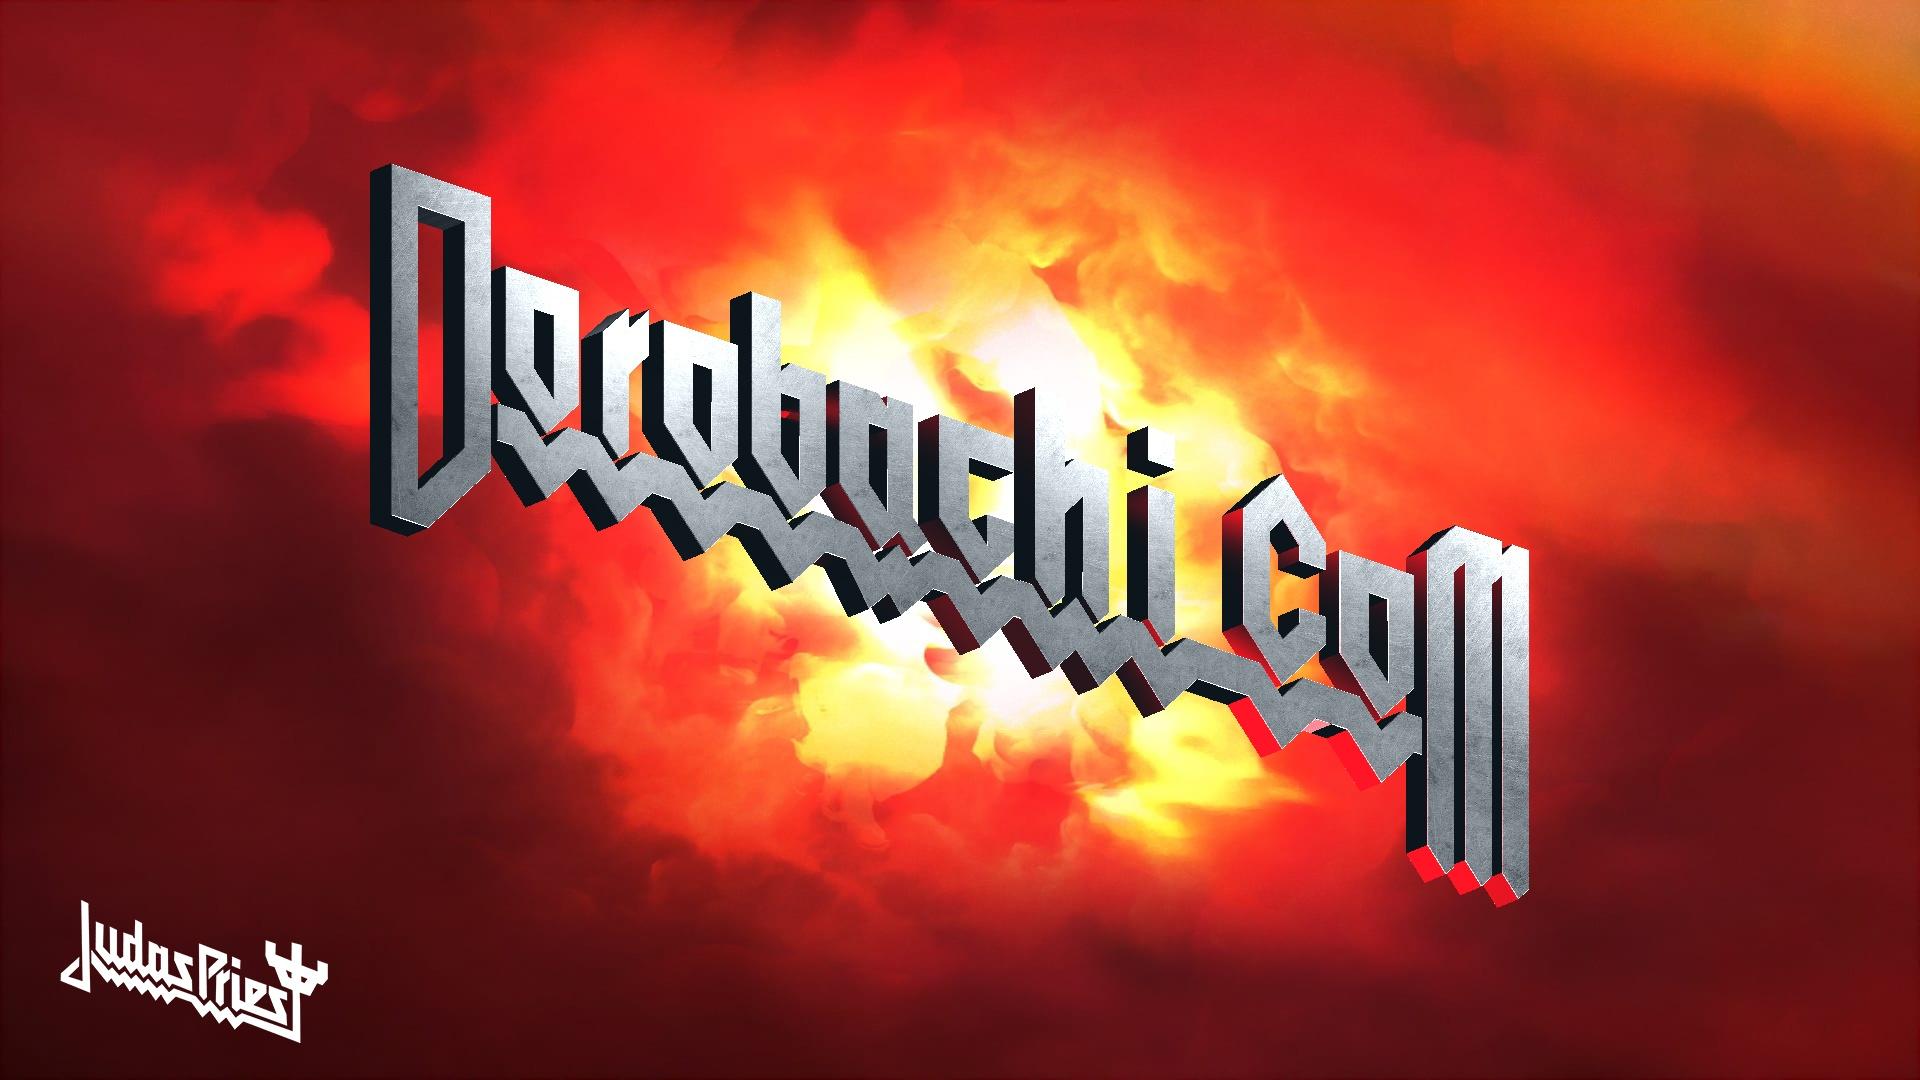 Judas Priest・Metallicaとおんなじロゴが好きな文字ですぐに作れるサイト